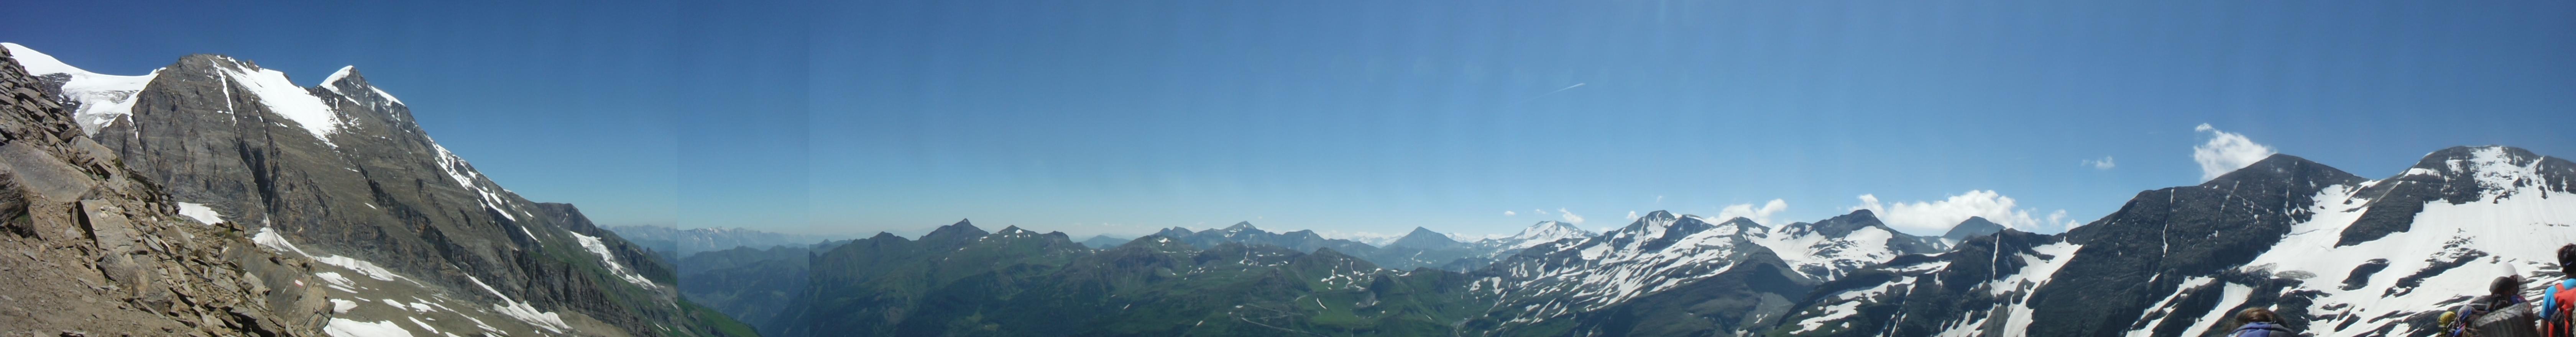 BergeBewegen-Panorama (6)